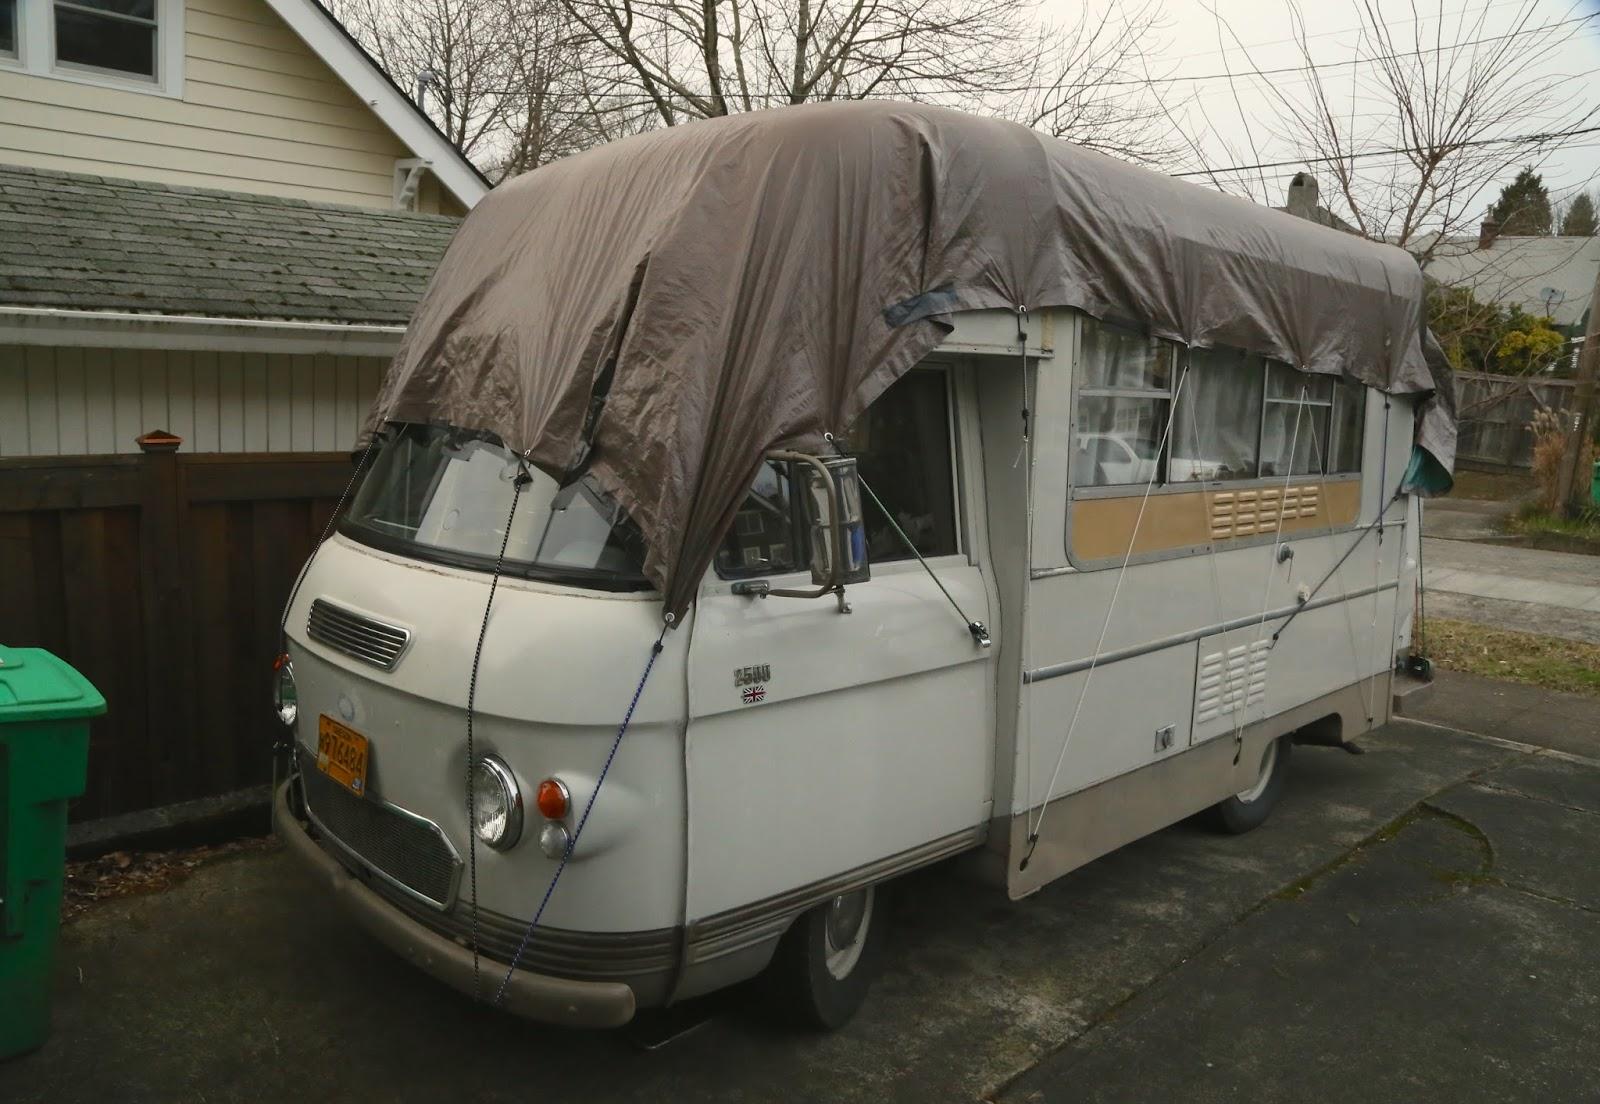 1976 Commer camper van